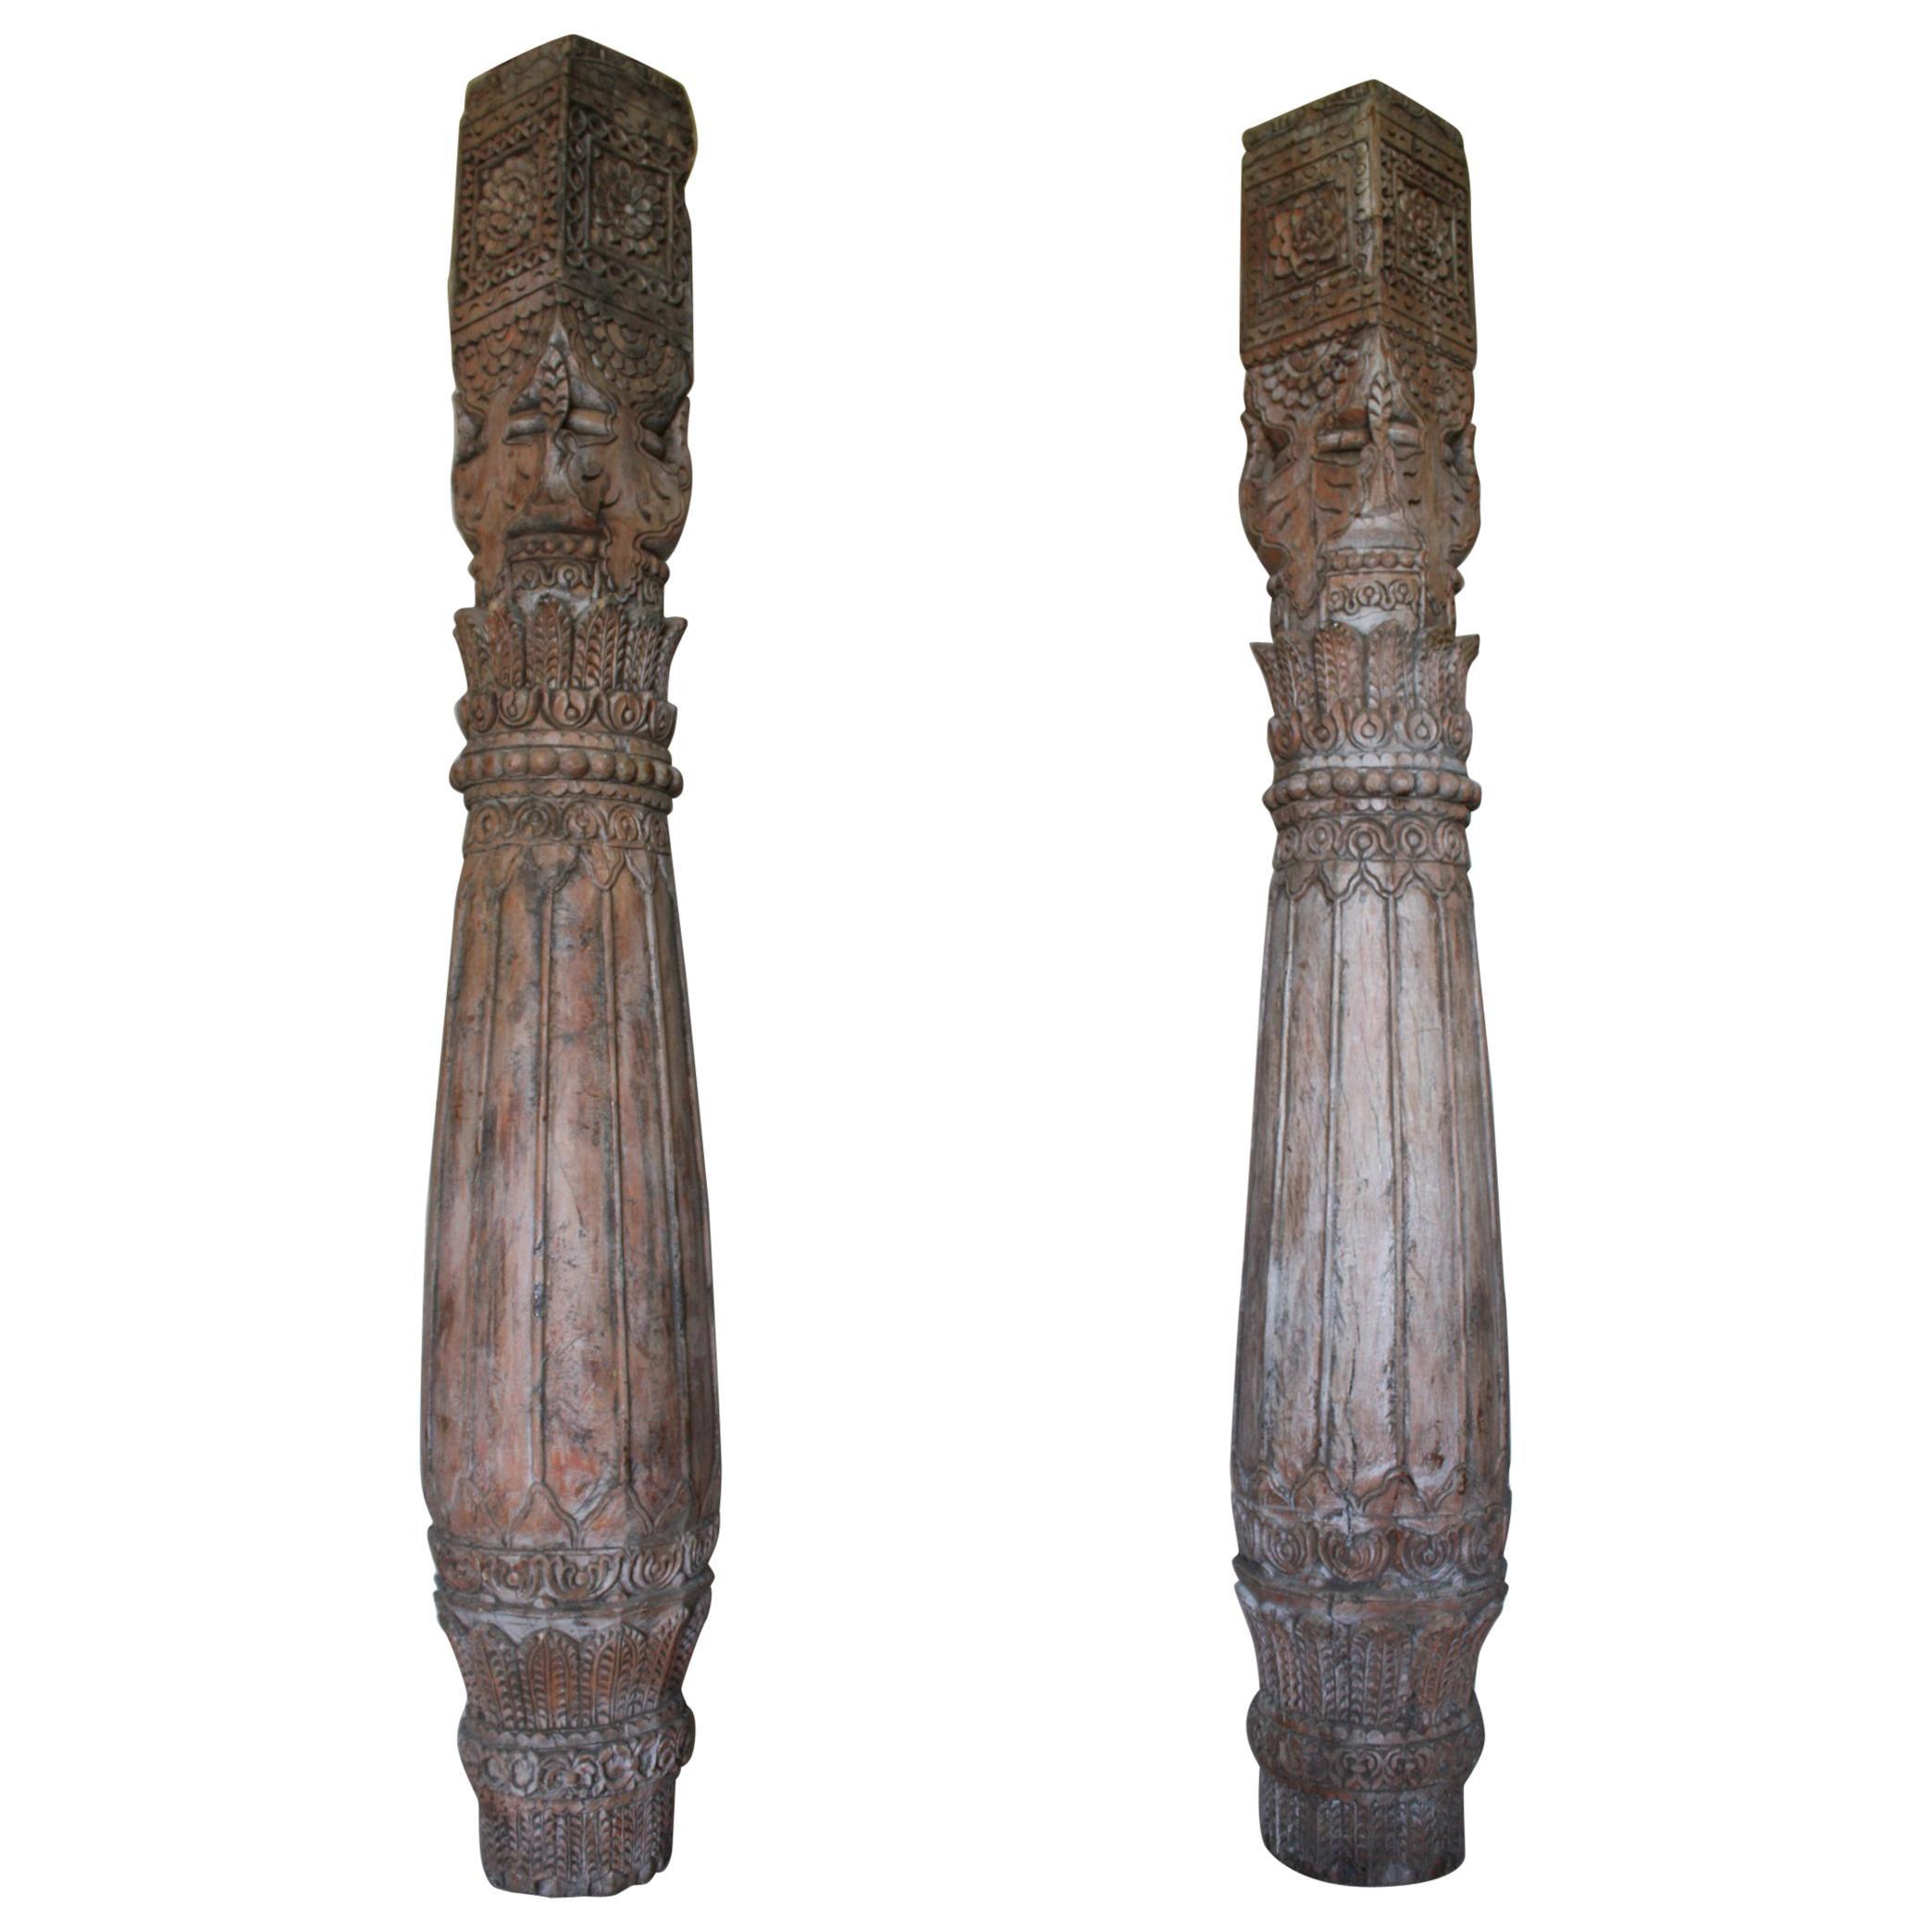 Pair of Carved Teak Wood Columns